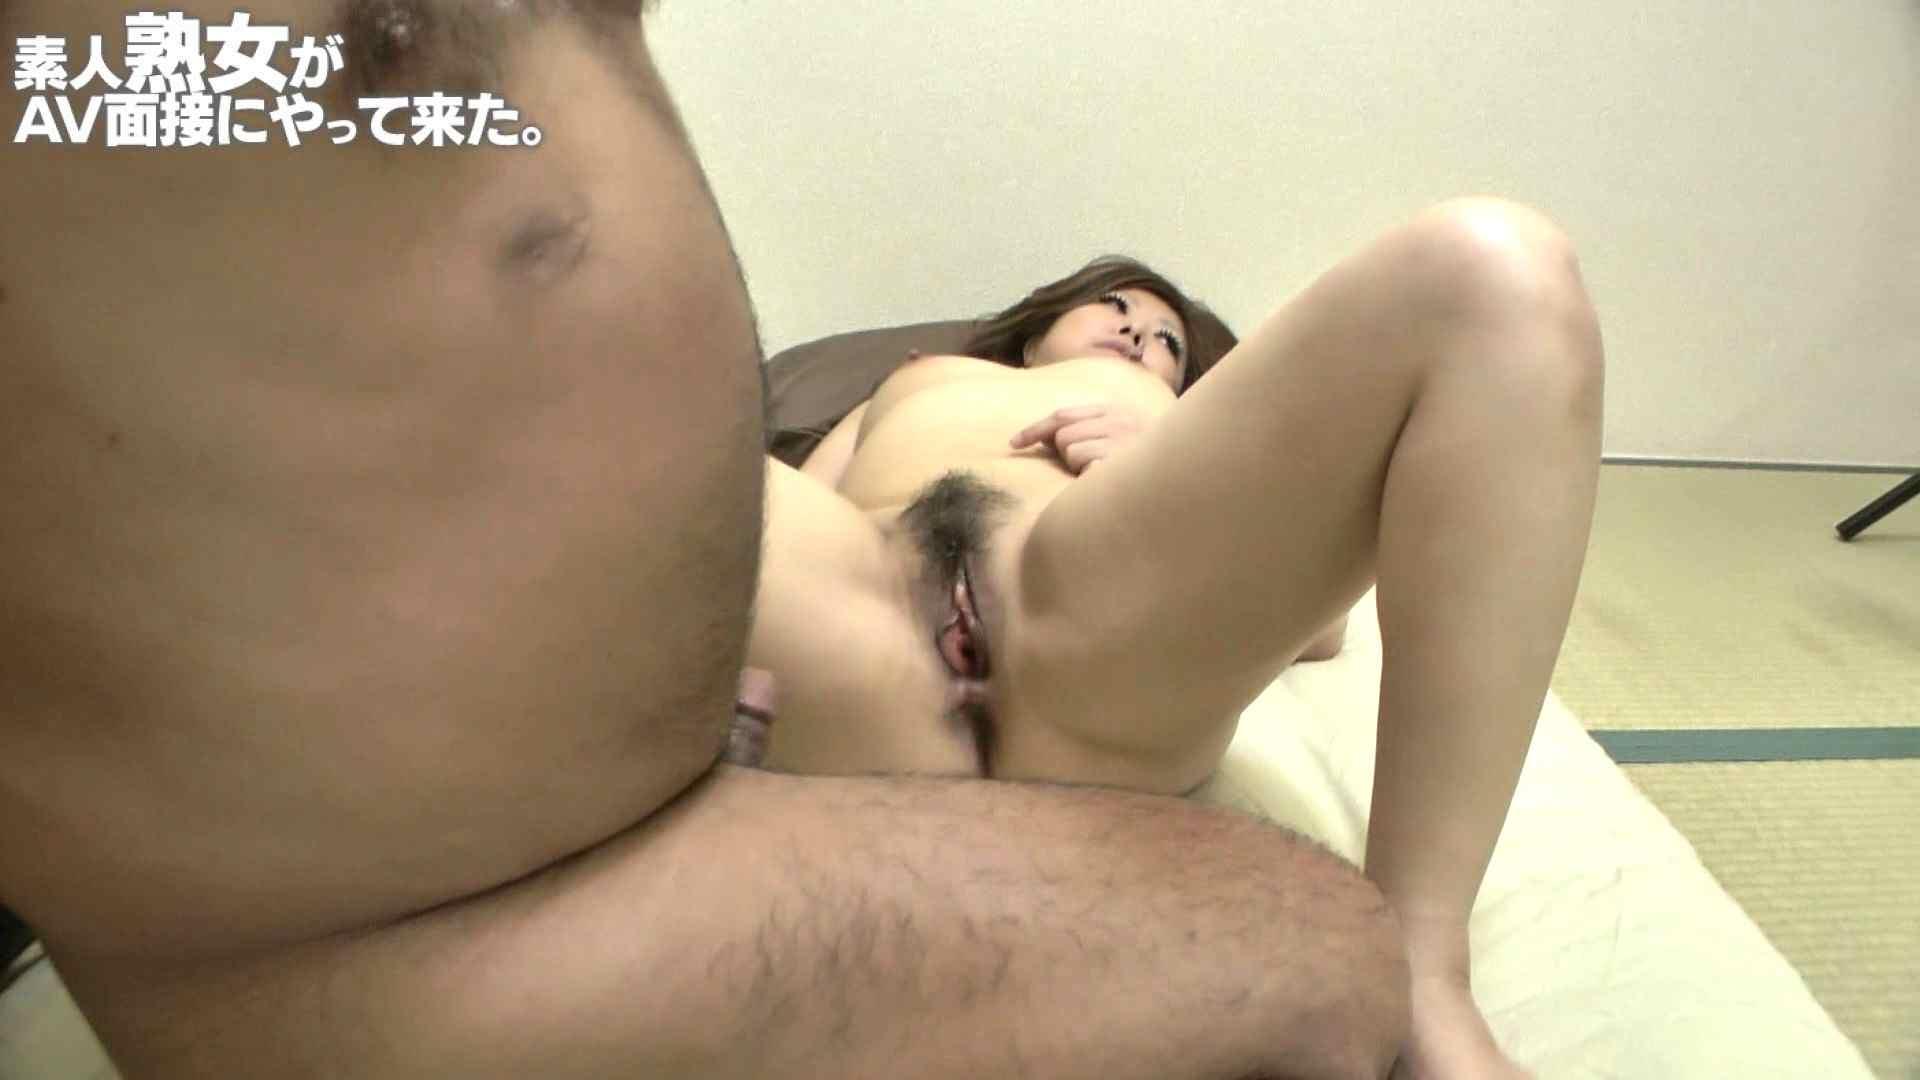 素人熟女がAV面接にやってきた (仮名)ゆかさんVOL.04 熟女丸裸  105pic 80